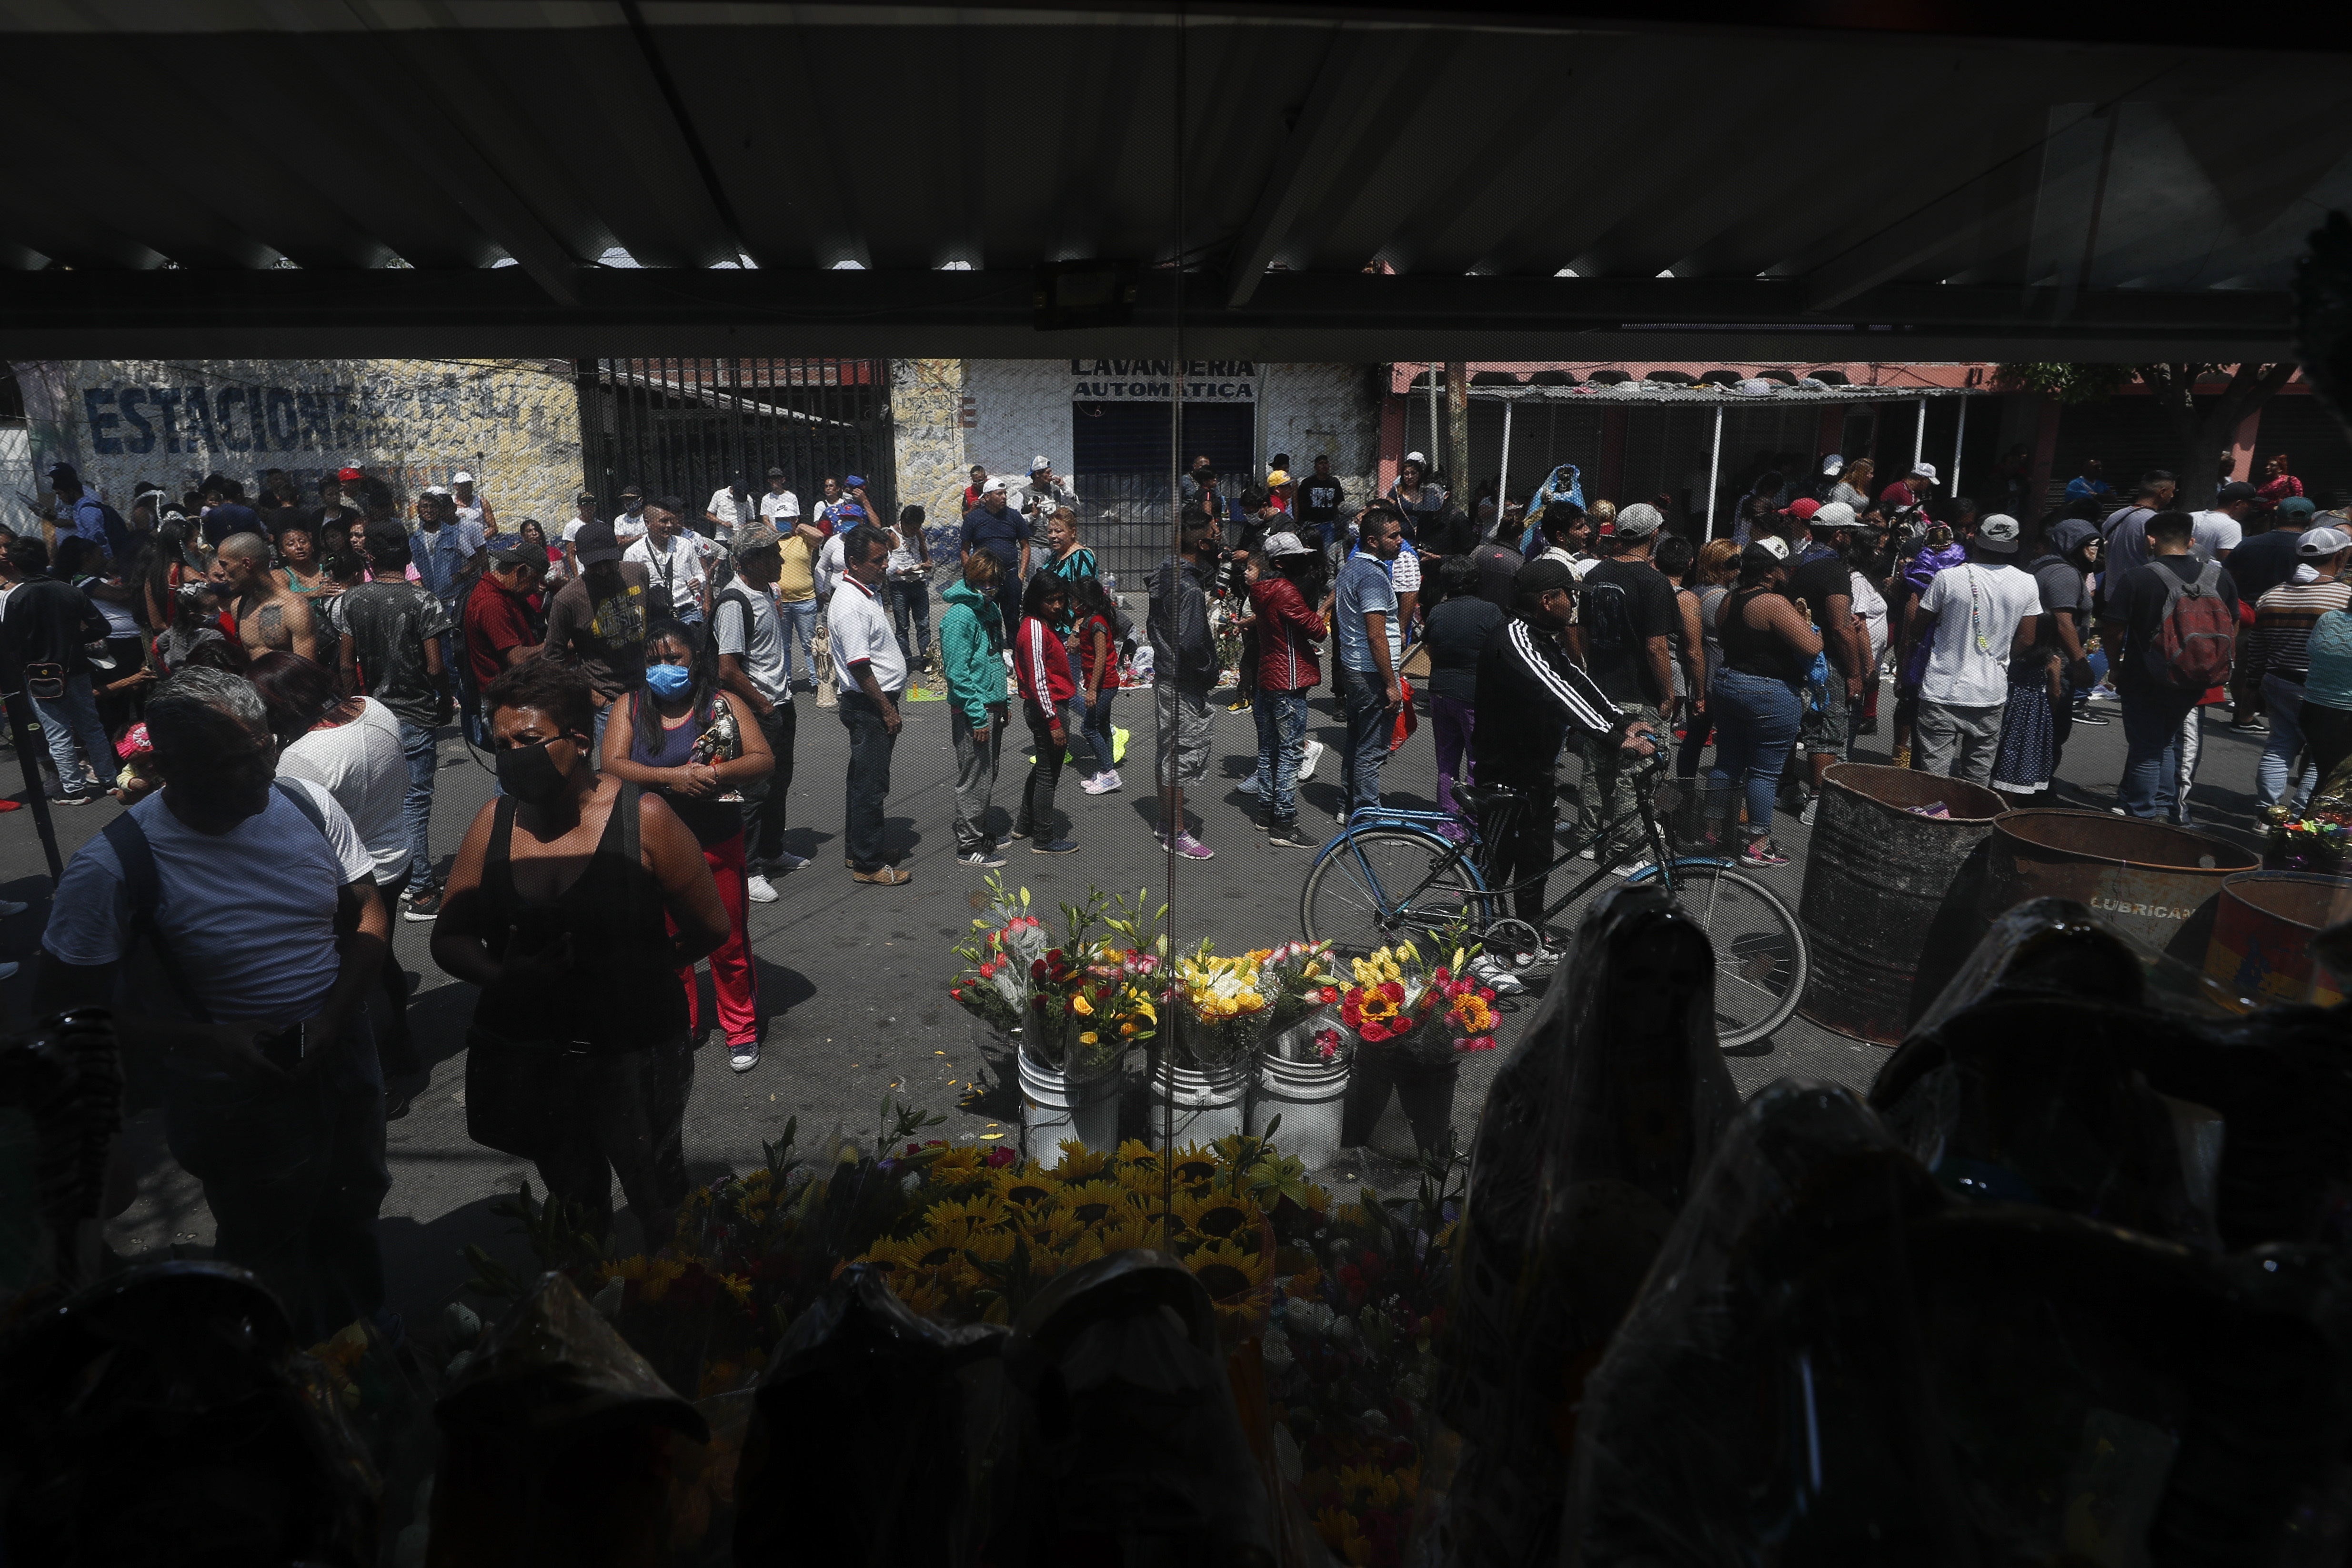 Los devotos de la Santa Muerte son vistos a través de una ventana en su altar en el barrio de Tepito de la Ciudad de México. (Foto: AP / Rebecca Blackwell)